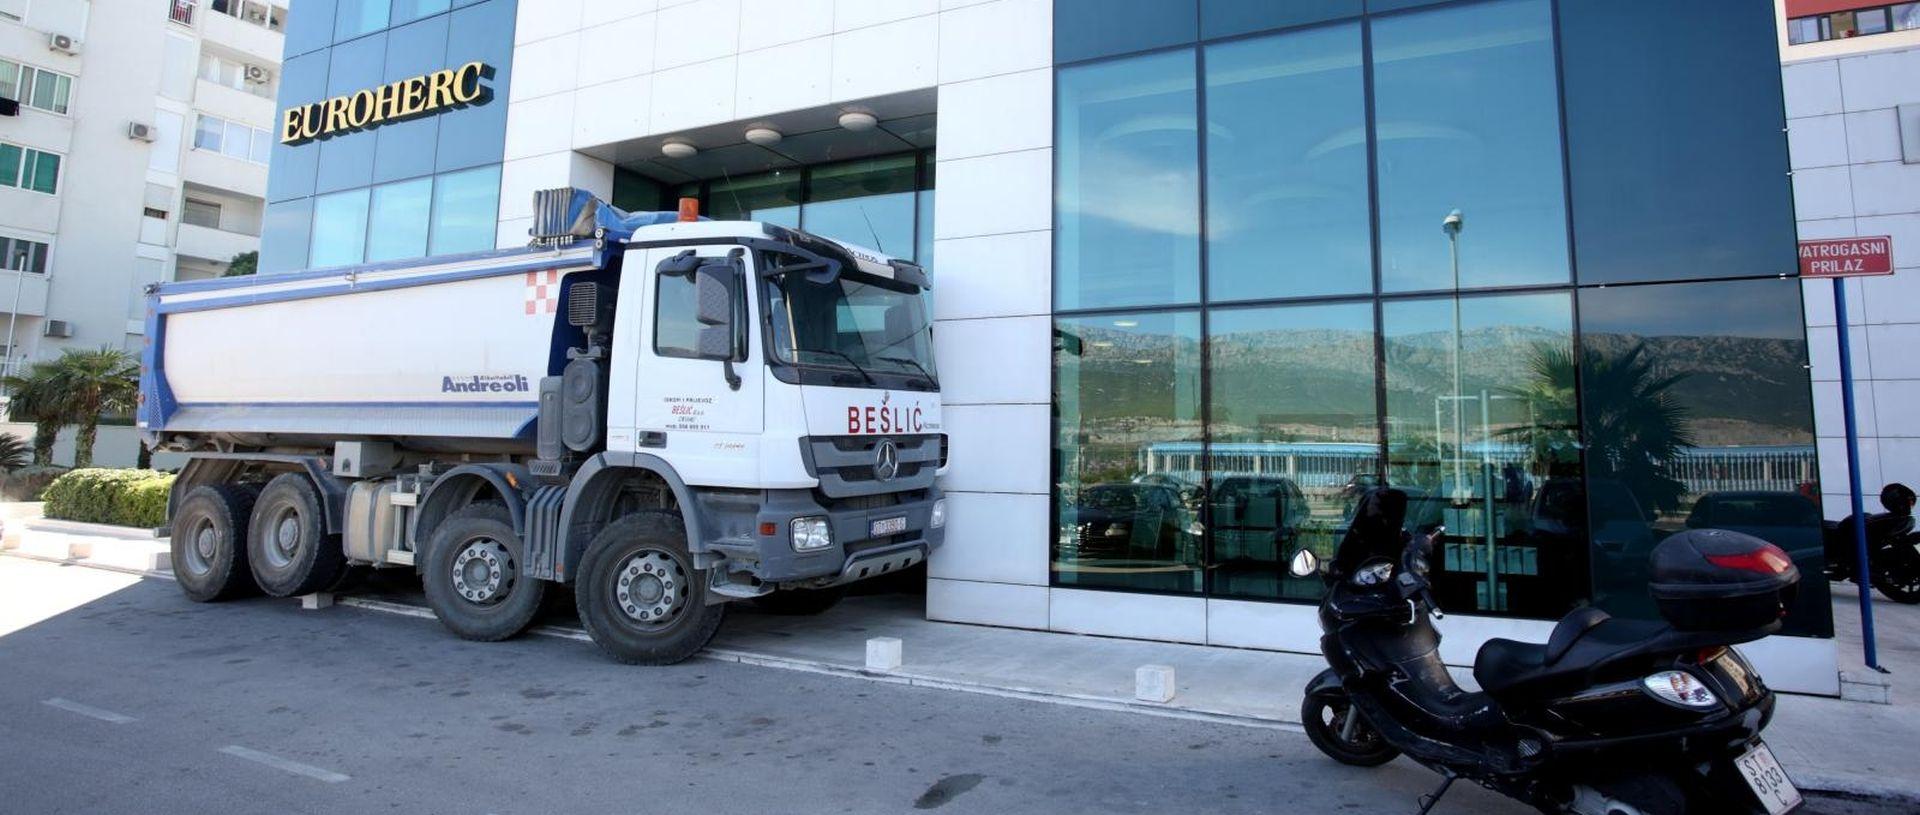 SPLIT Kamionima blokirao ulaze u osiguravajuću kuću